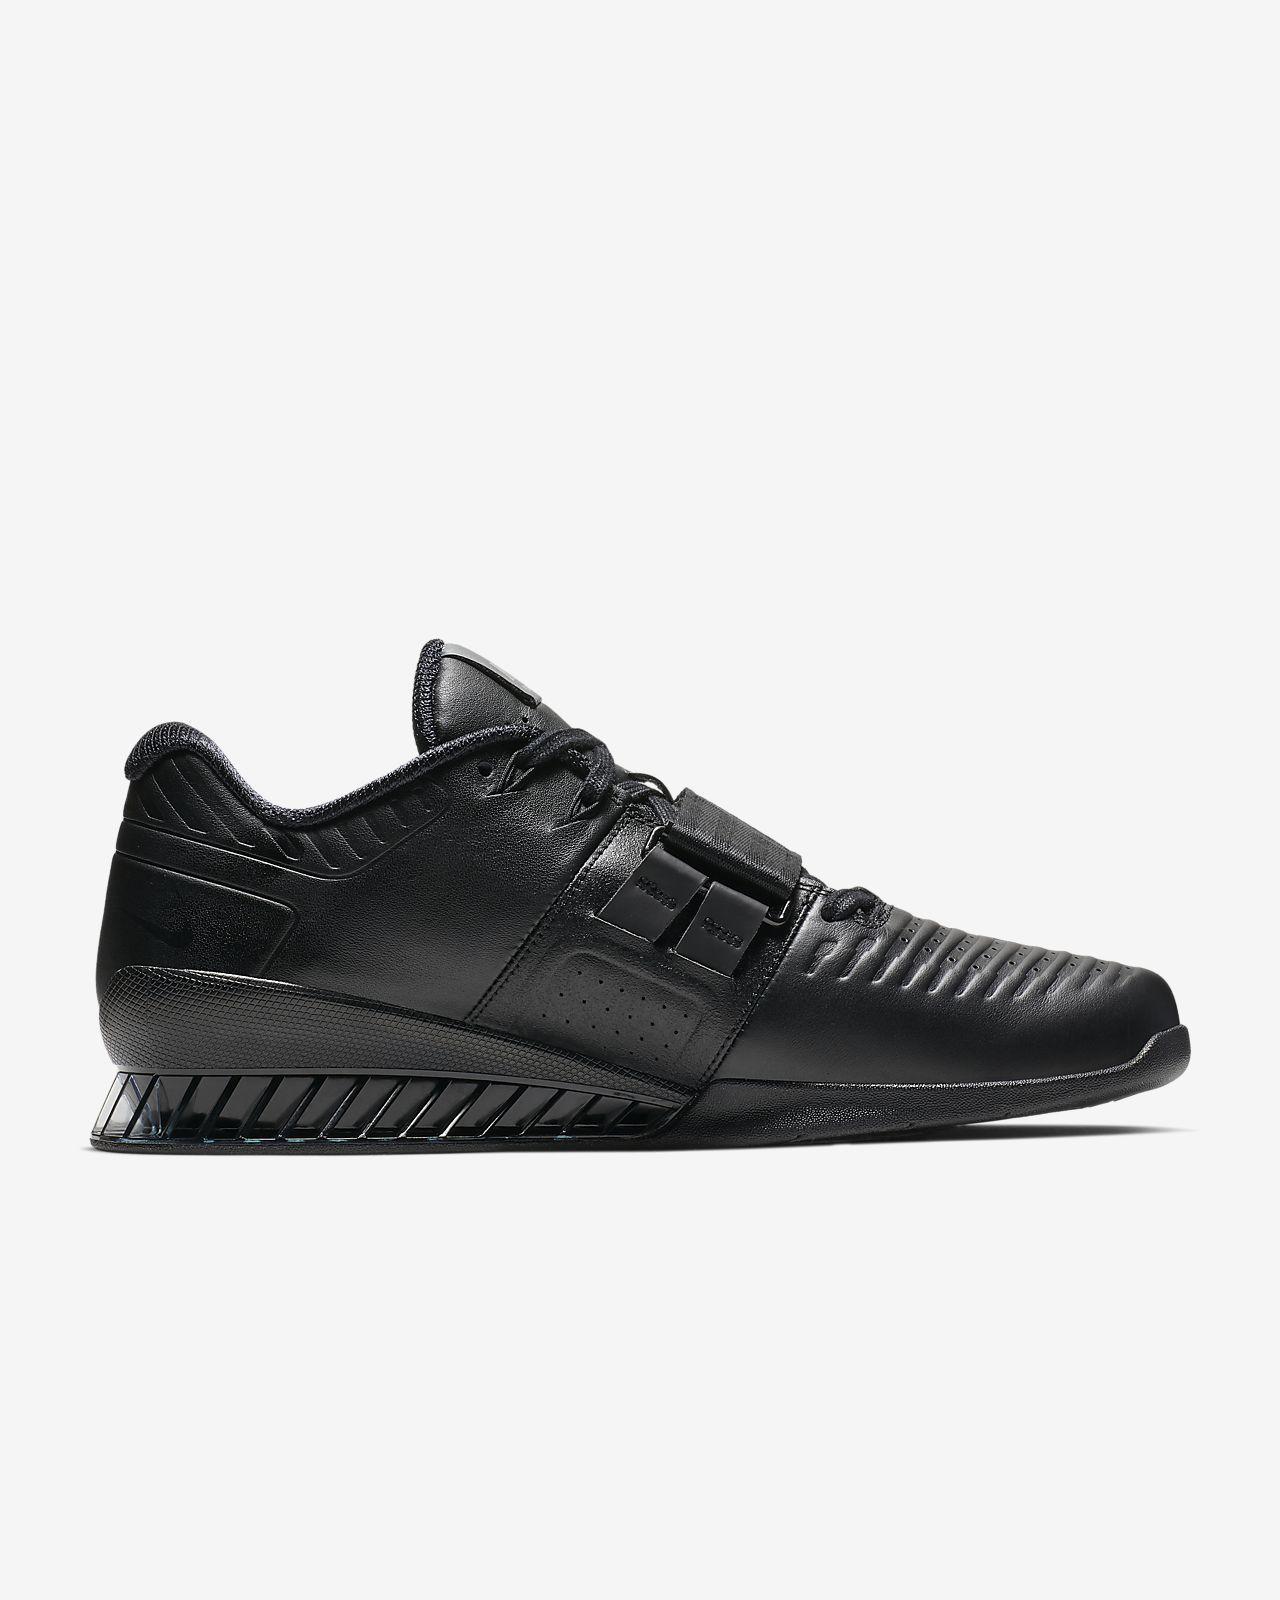 new products 5c260 e91bf ... Nike Romaleos 3 XD Training Shoe